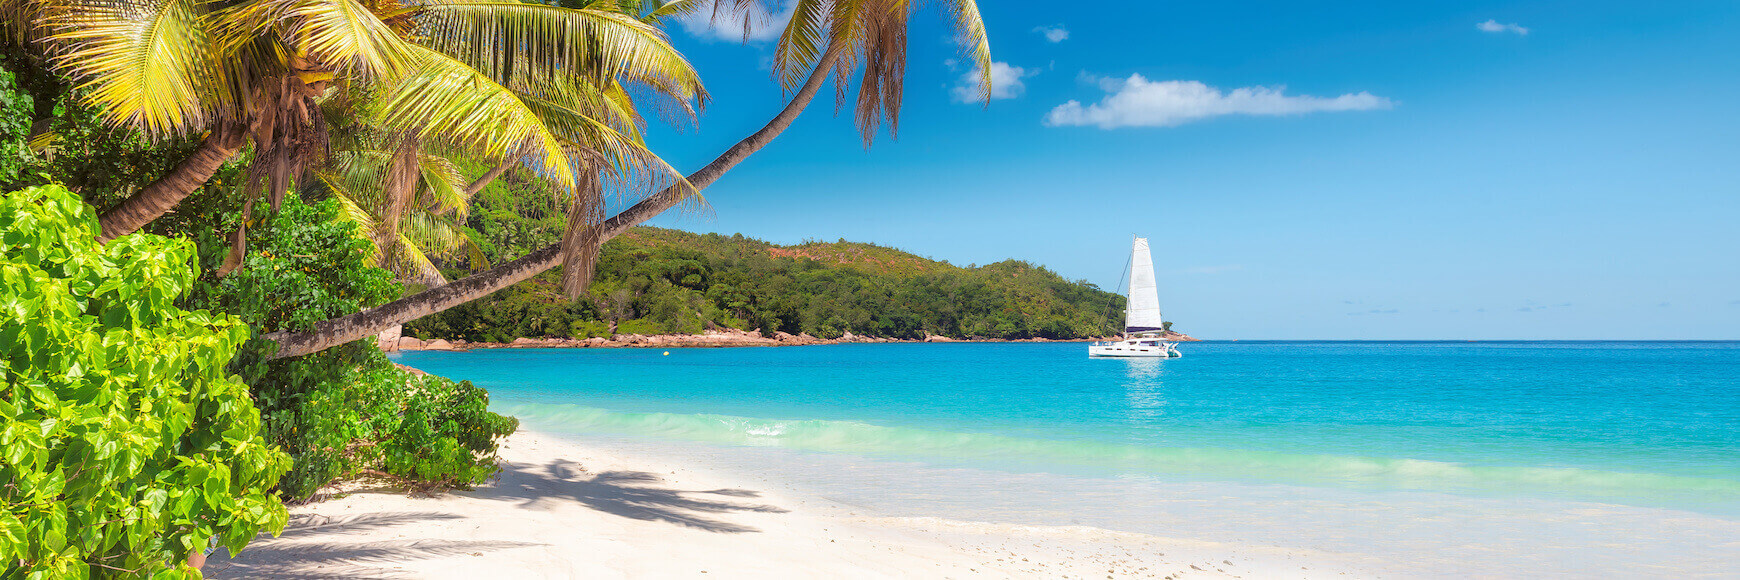 noleggio barche Isole Seychelles